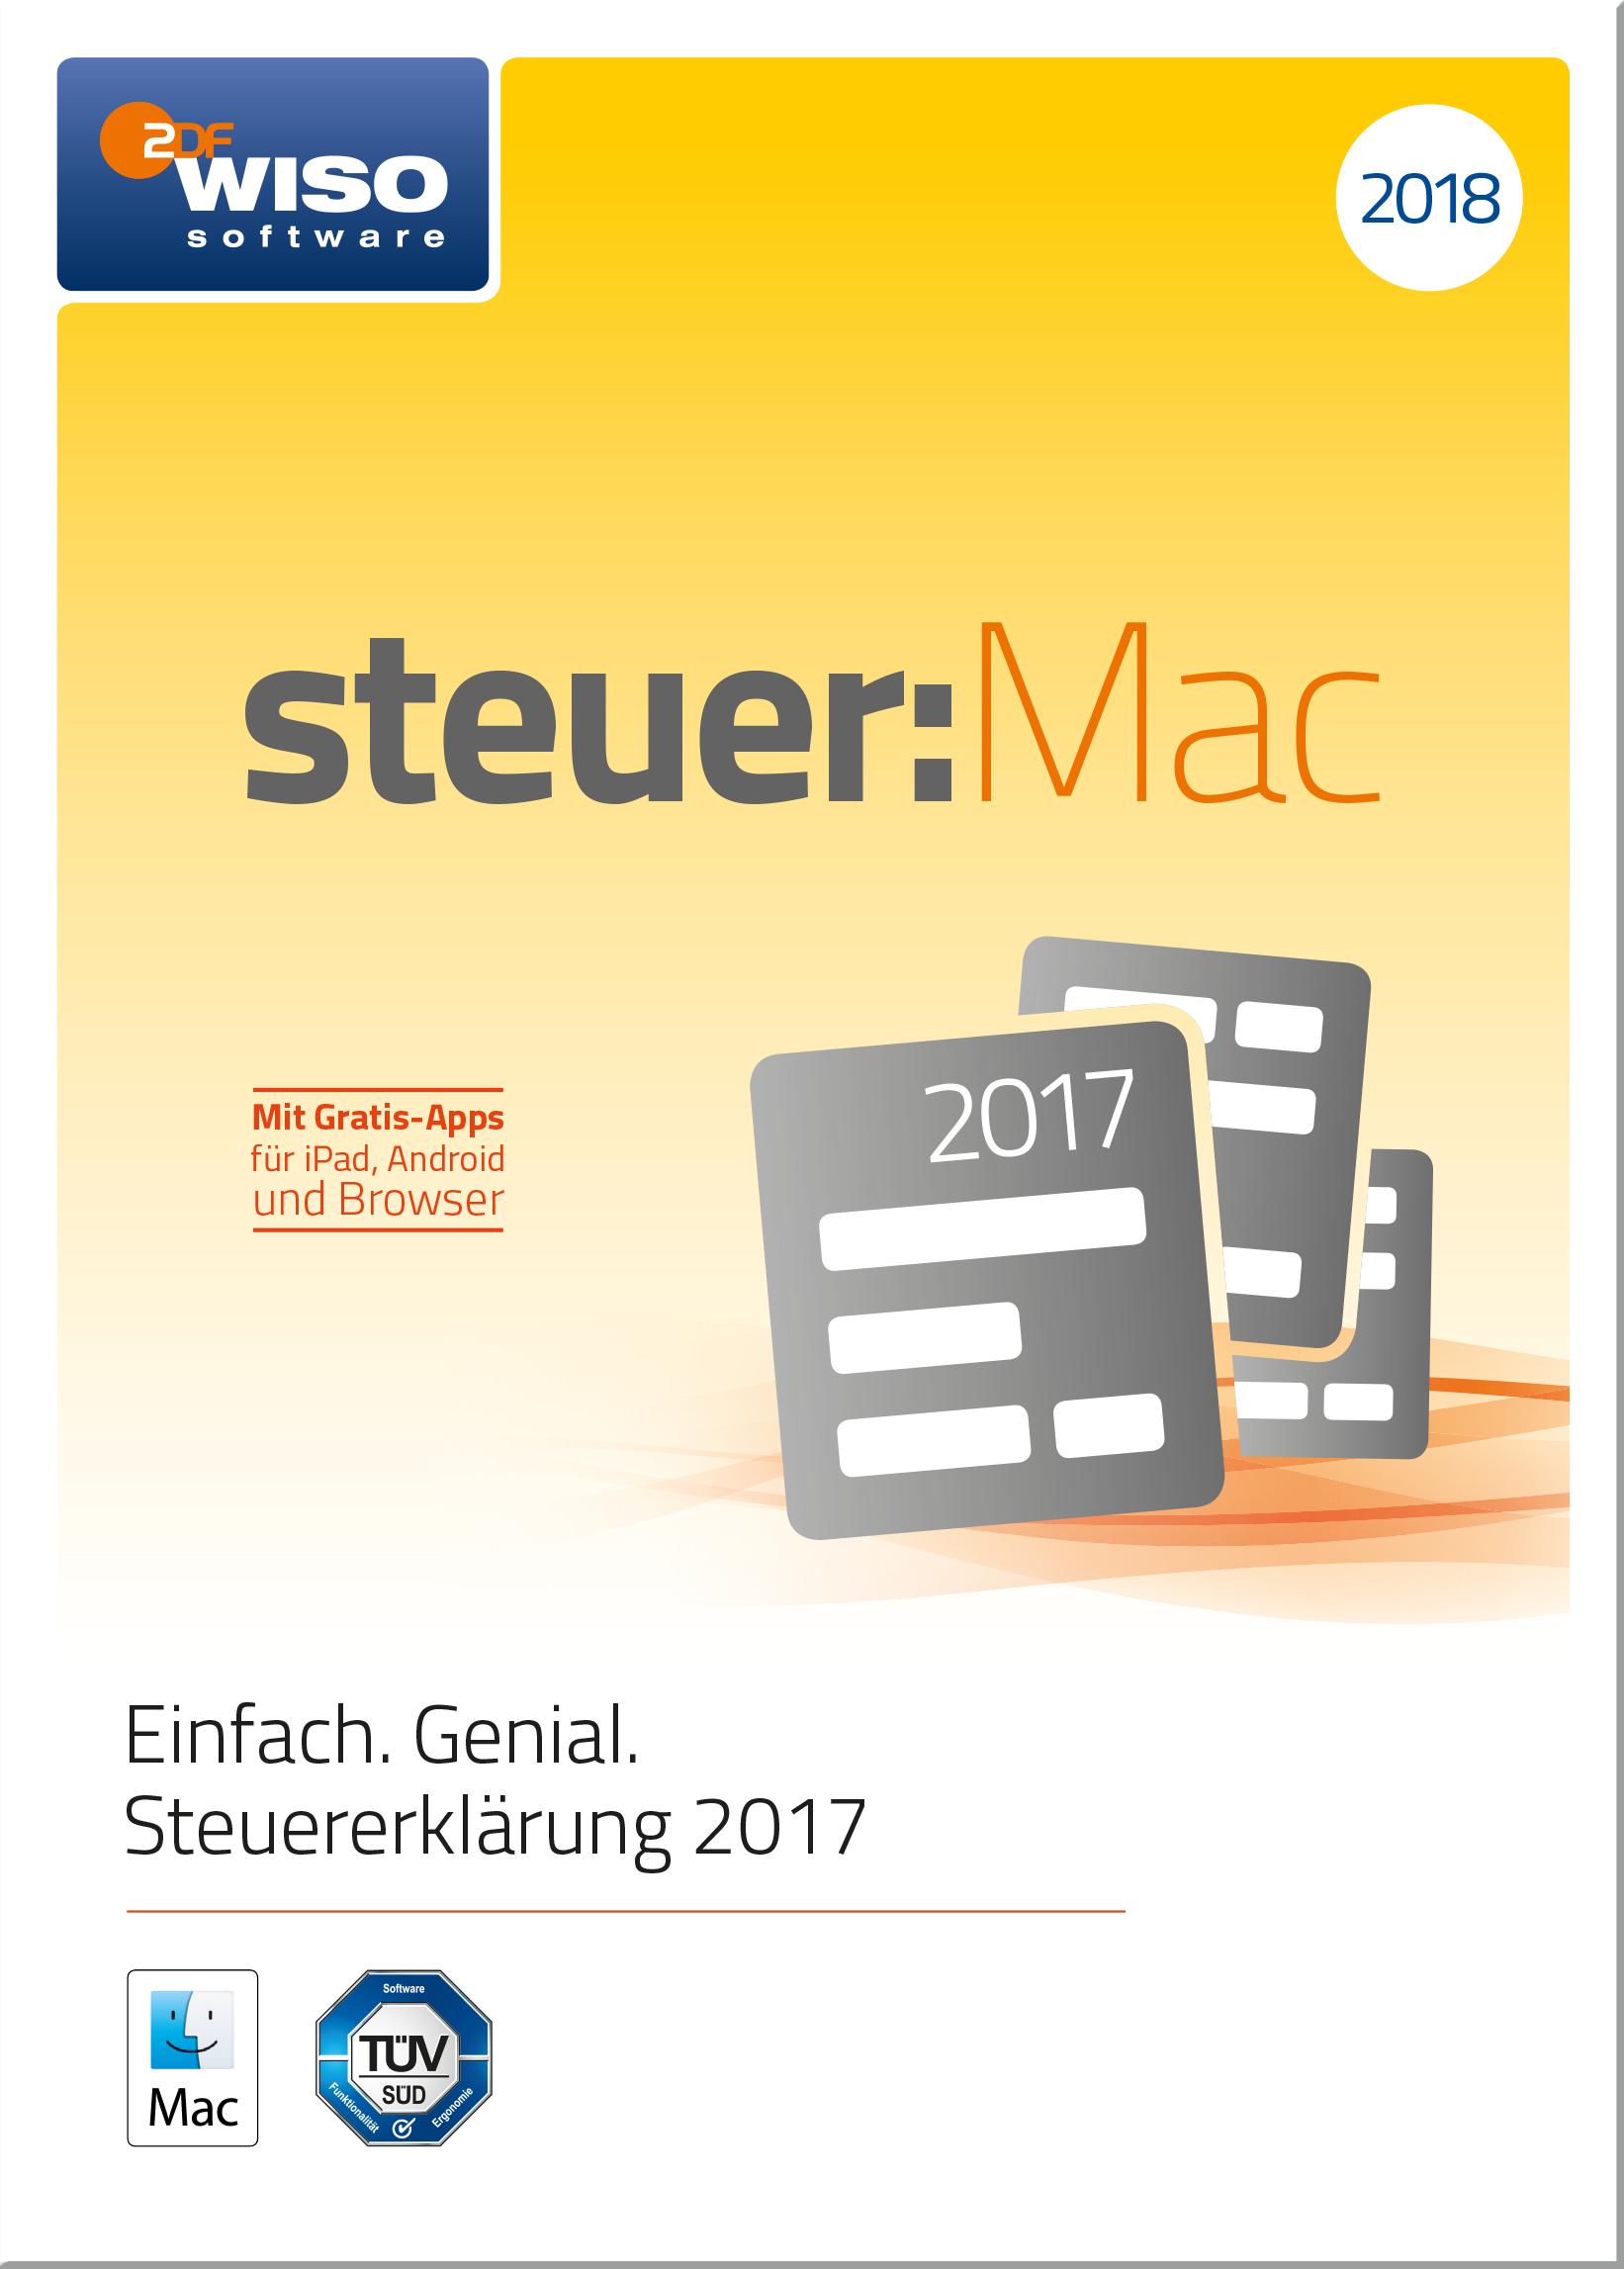 WISO steuer:Mac 2018 (für Steuerjahr 2017) [Online Code]: Amazon.de ...